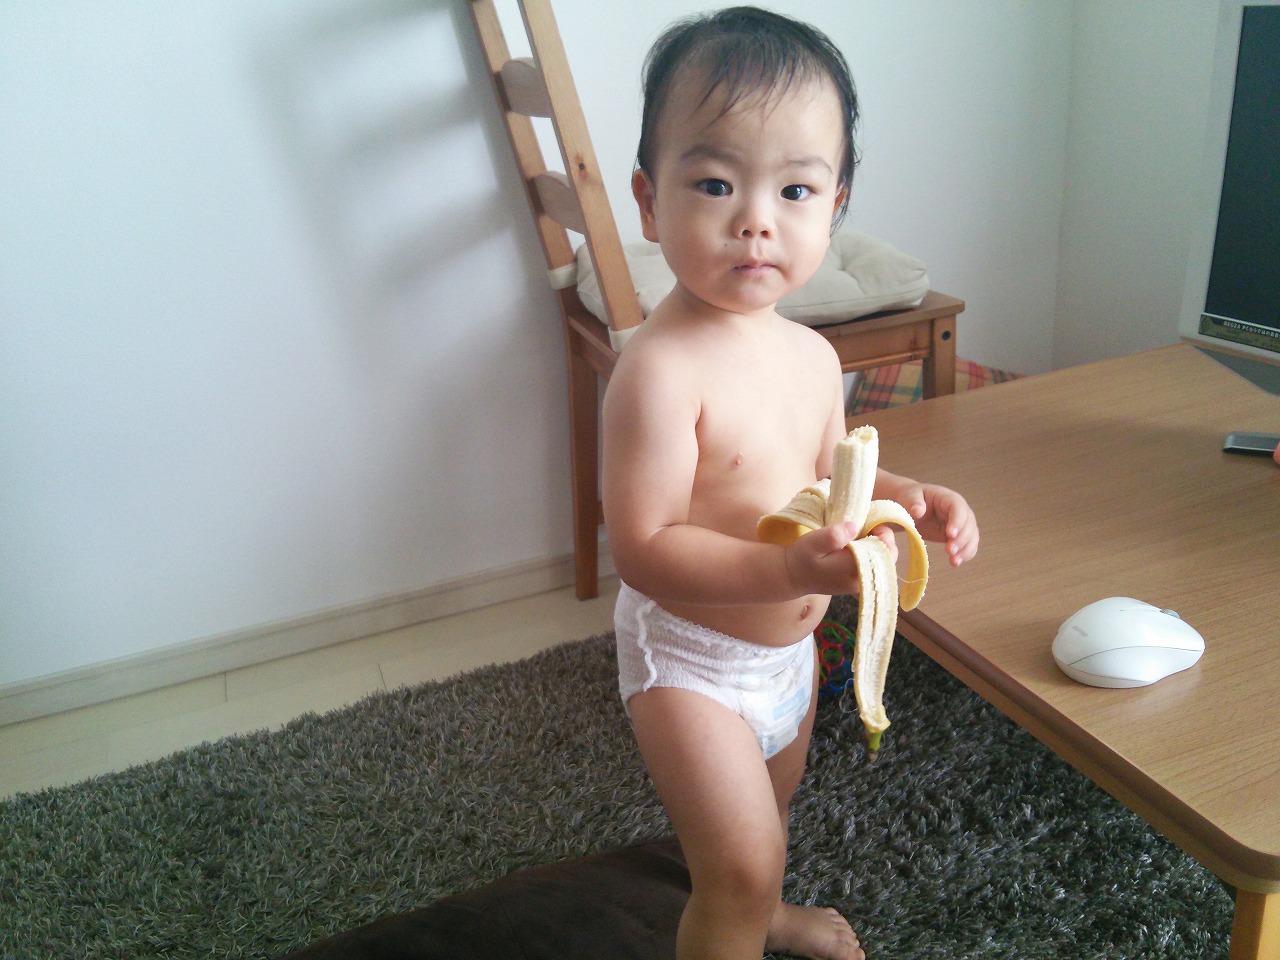 【神戸市】1歳半(1歳6か月)検診に行ってきました!【検診の流れと歯科検診(フッ素塗布)】